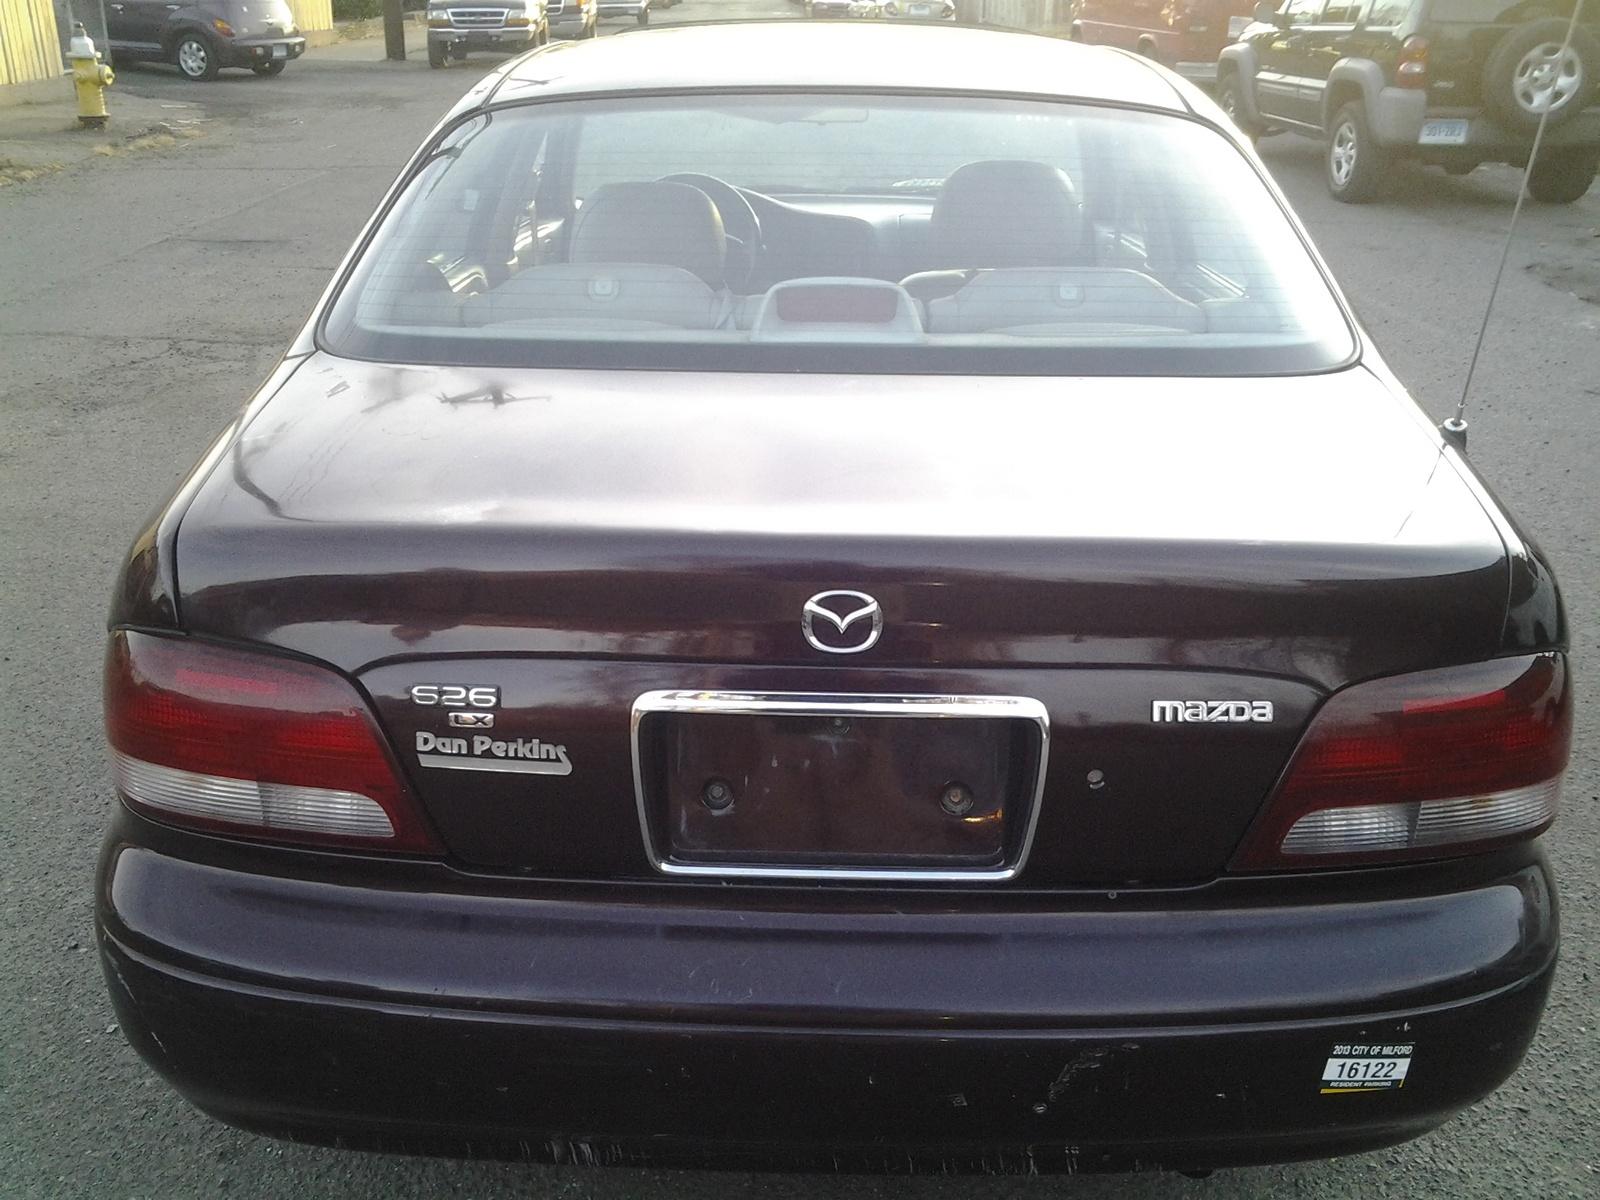 1998 Mazda 626 #1 Mazda 626 #1